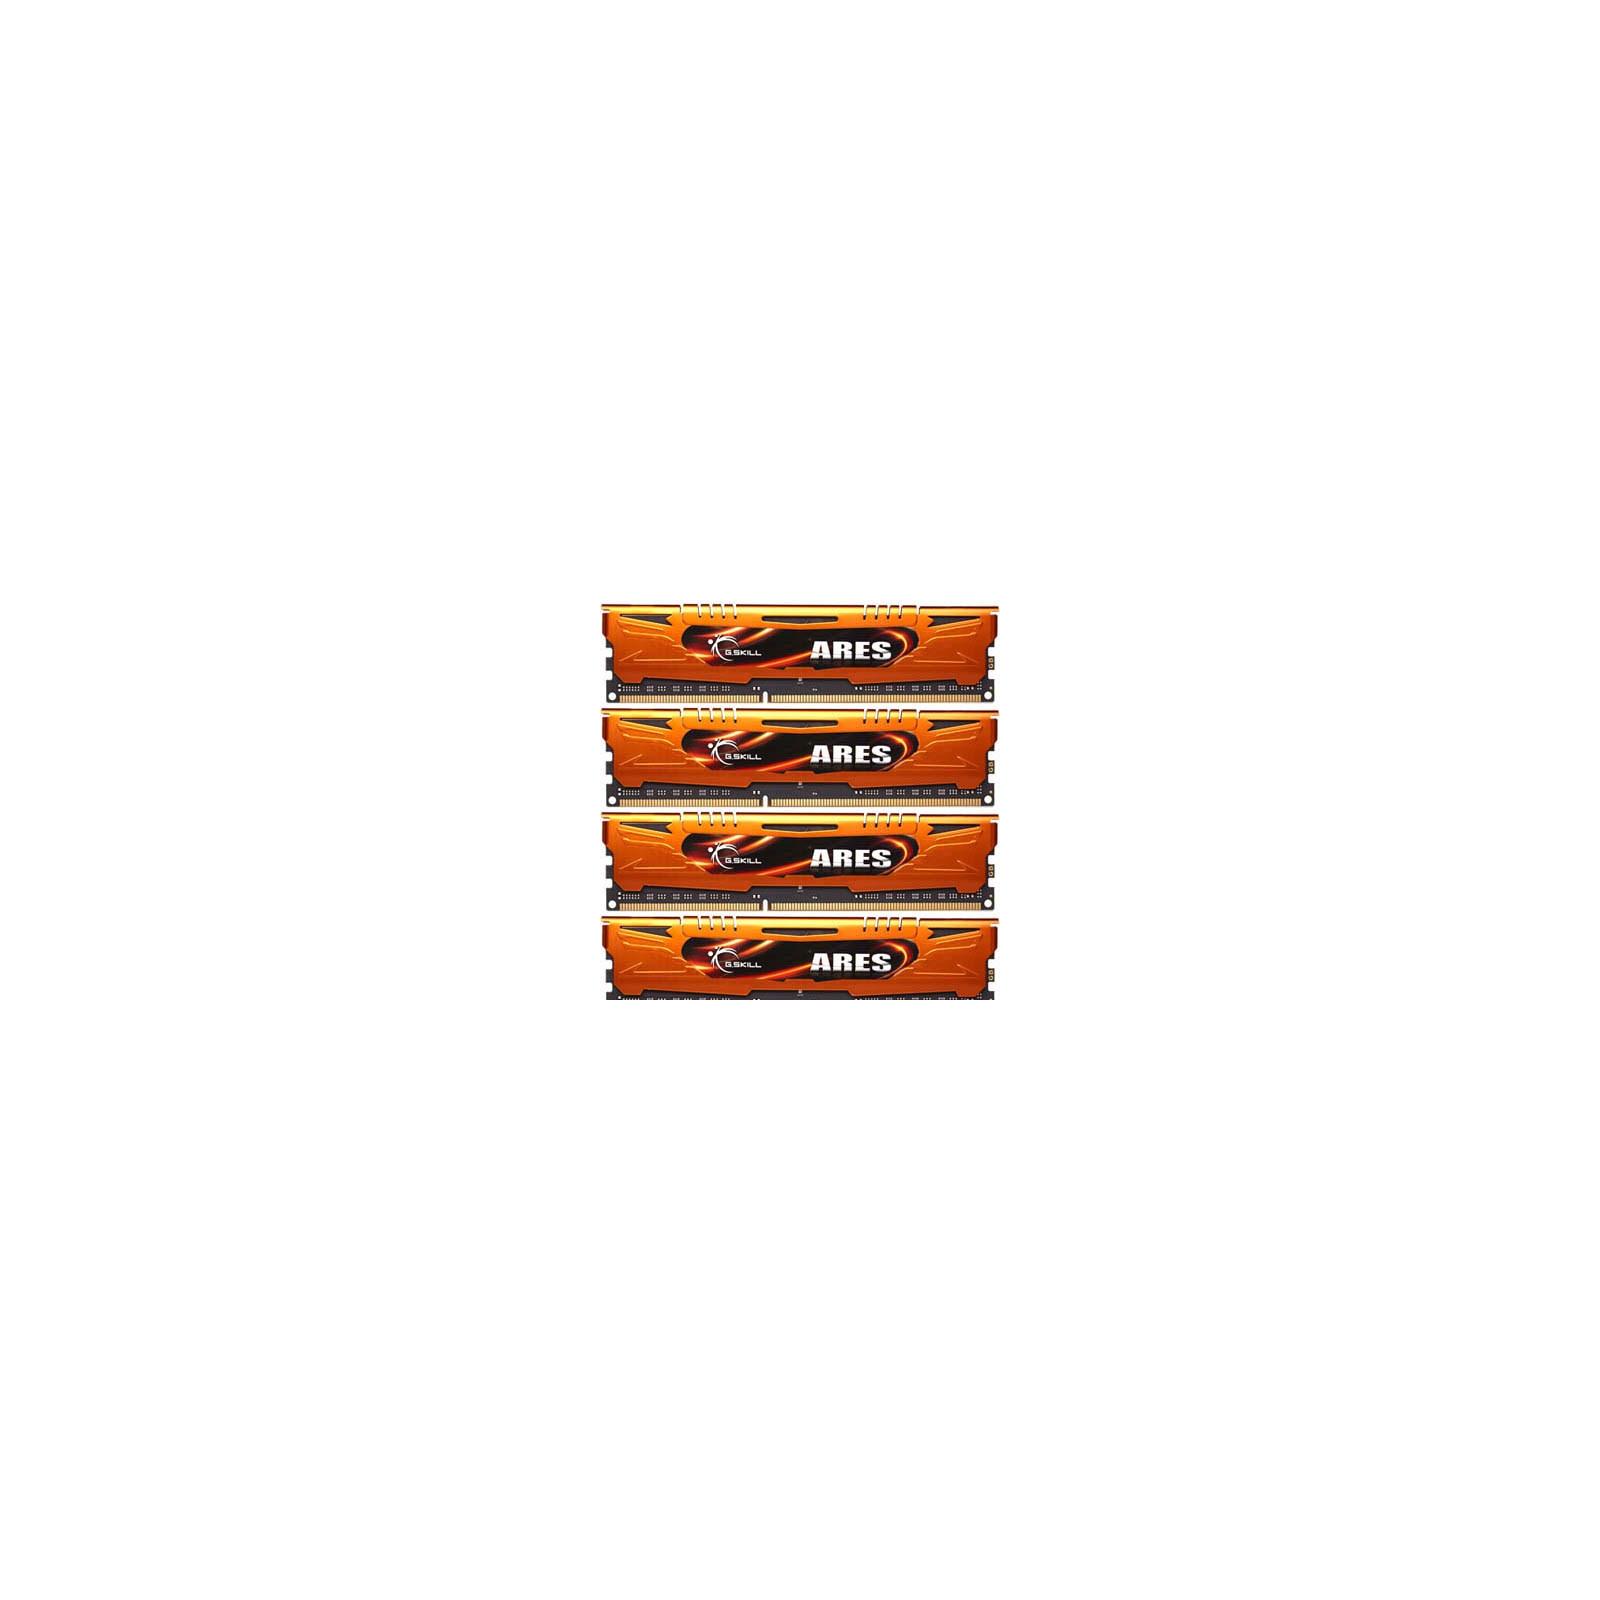 Модуль памяти для компьютера DDR3 16GB (4x4GB) 1600 MHz G.Skill (F3-1600C9Q-16GAO)